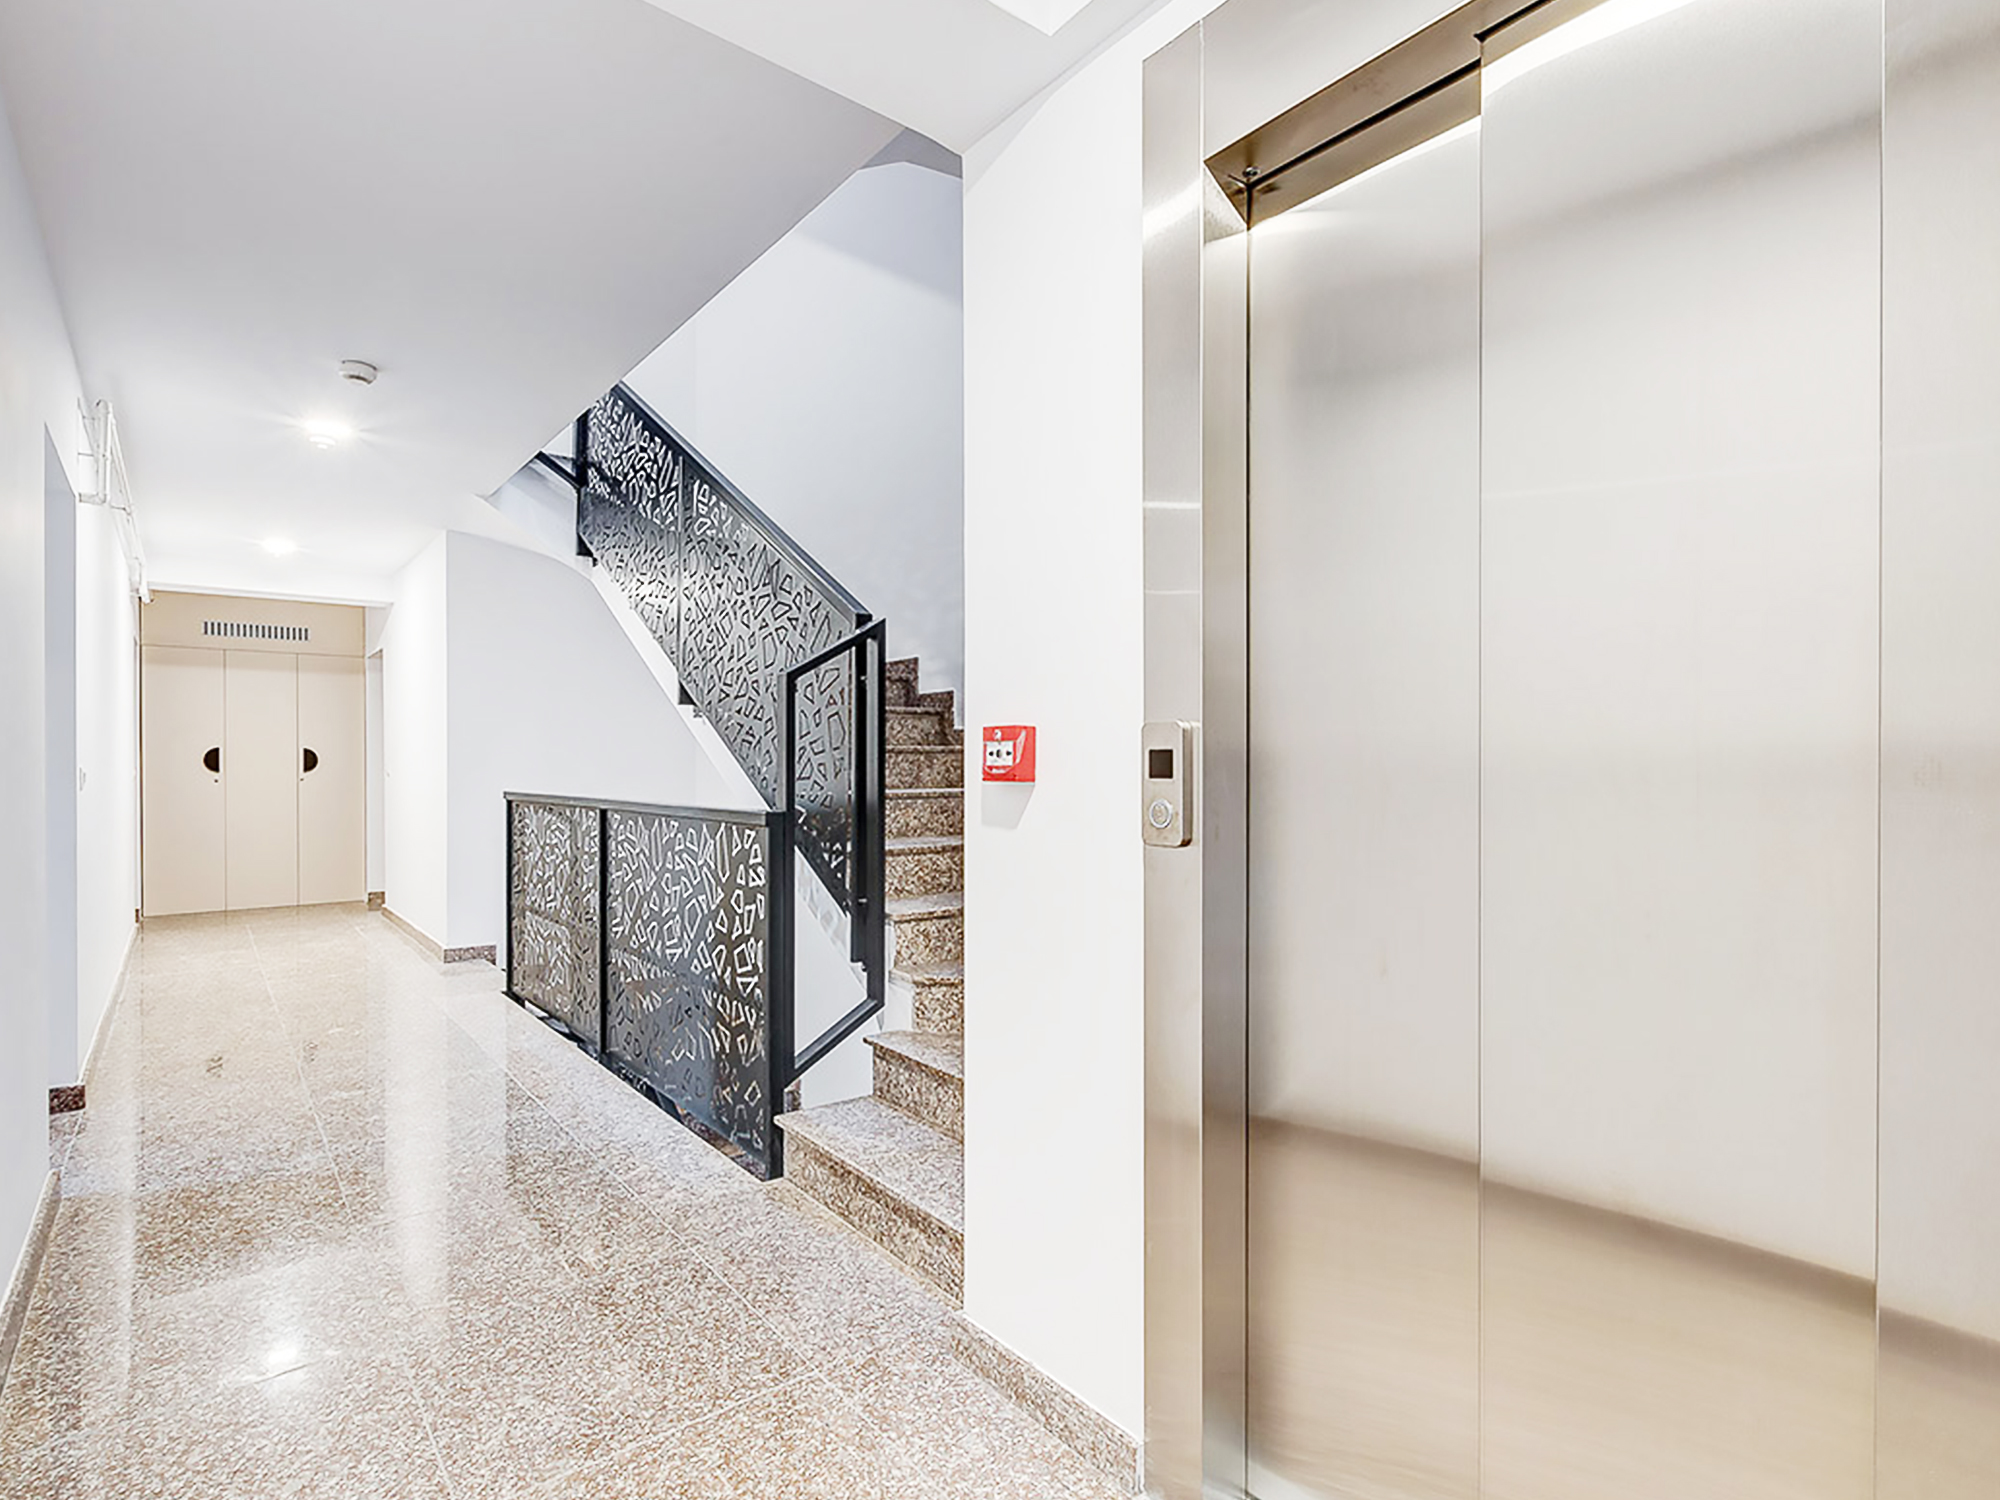 Apartamente-Faza-1-LaRa-Condominium-3